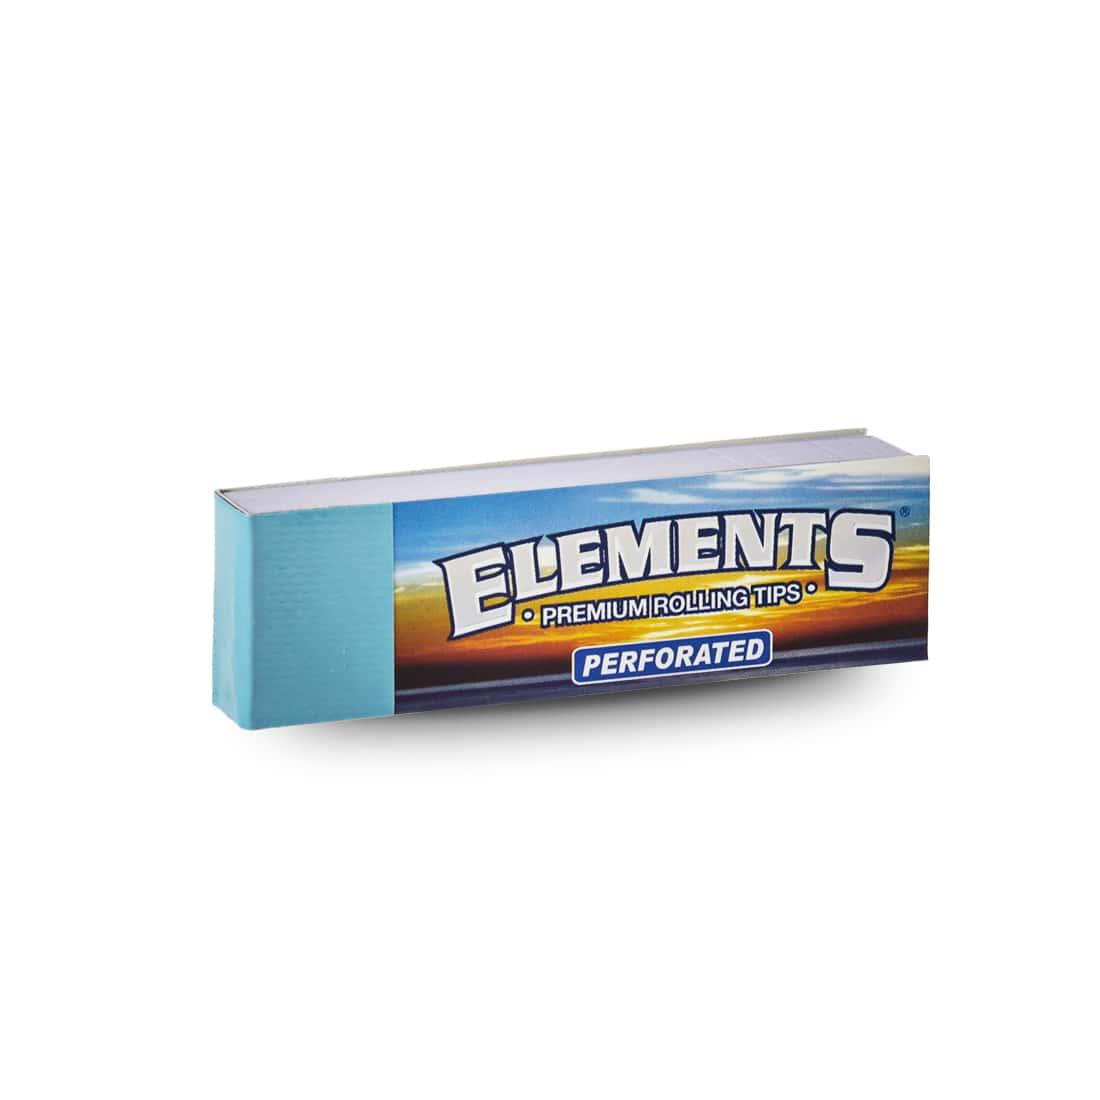 Photo #2 de Filtres en carton Elements perforés x 50